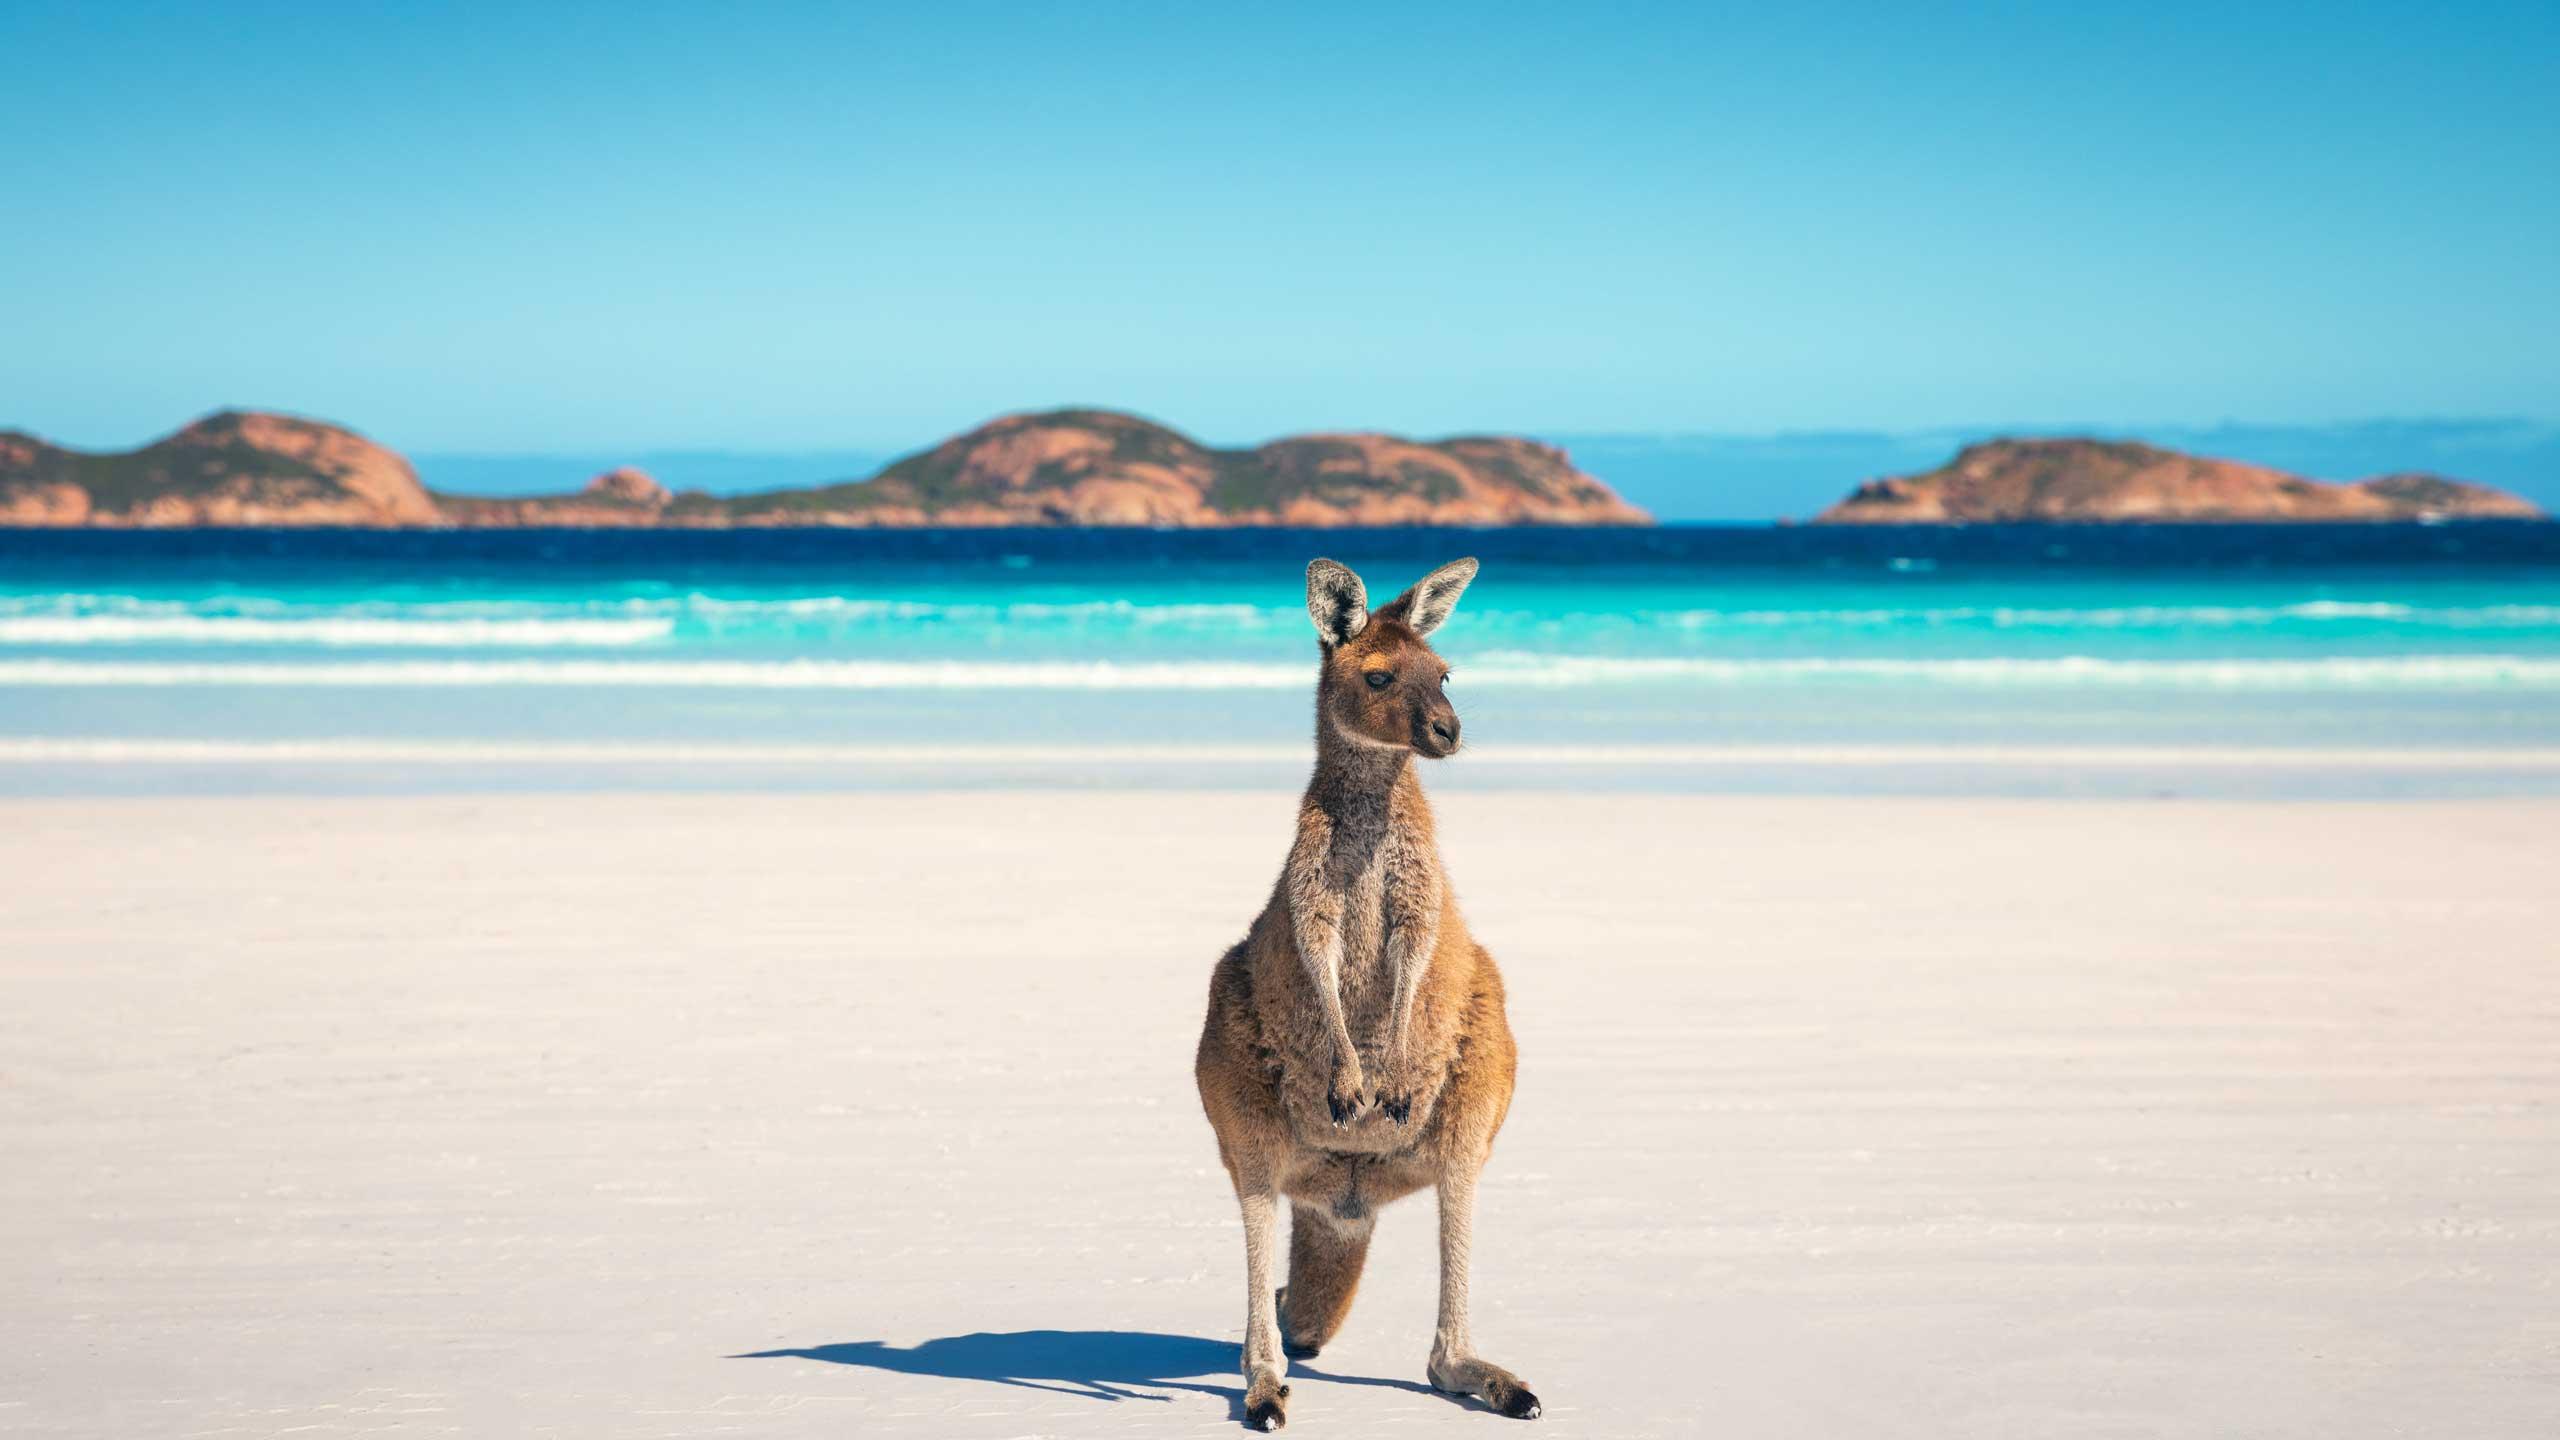 australia-kangaroo-western-australia-tourism-australia